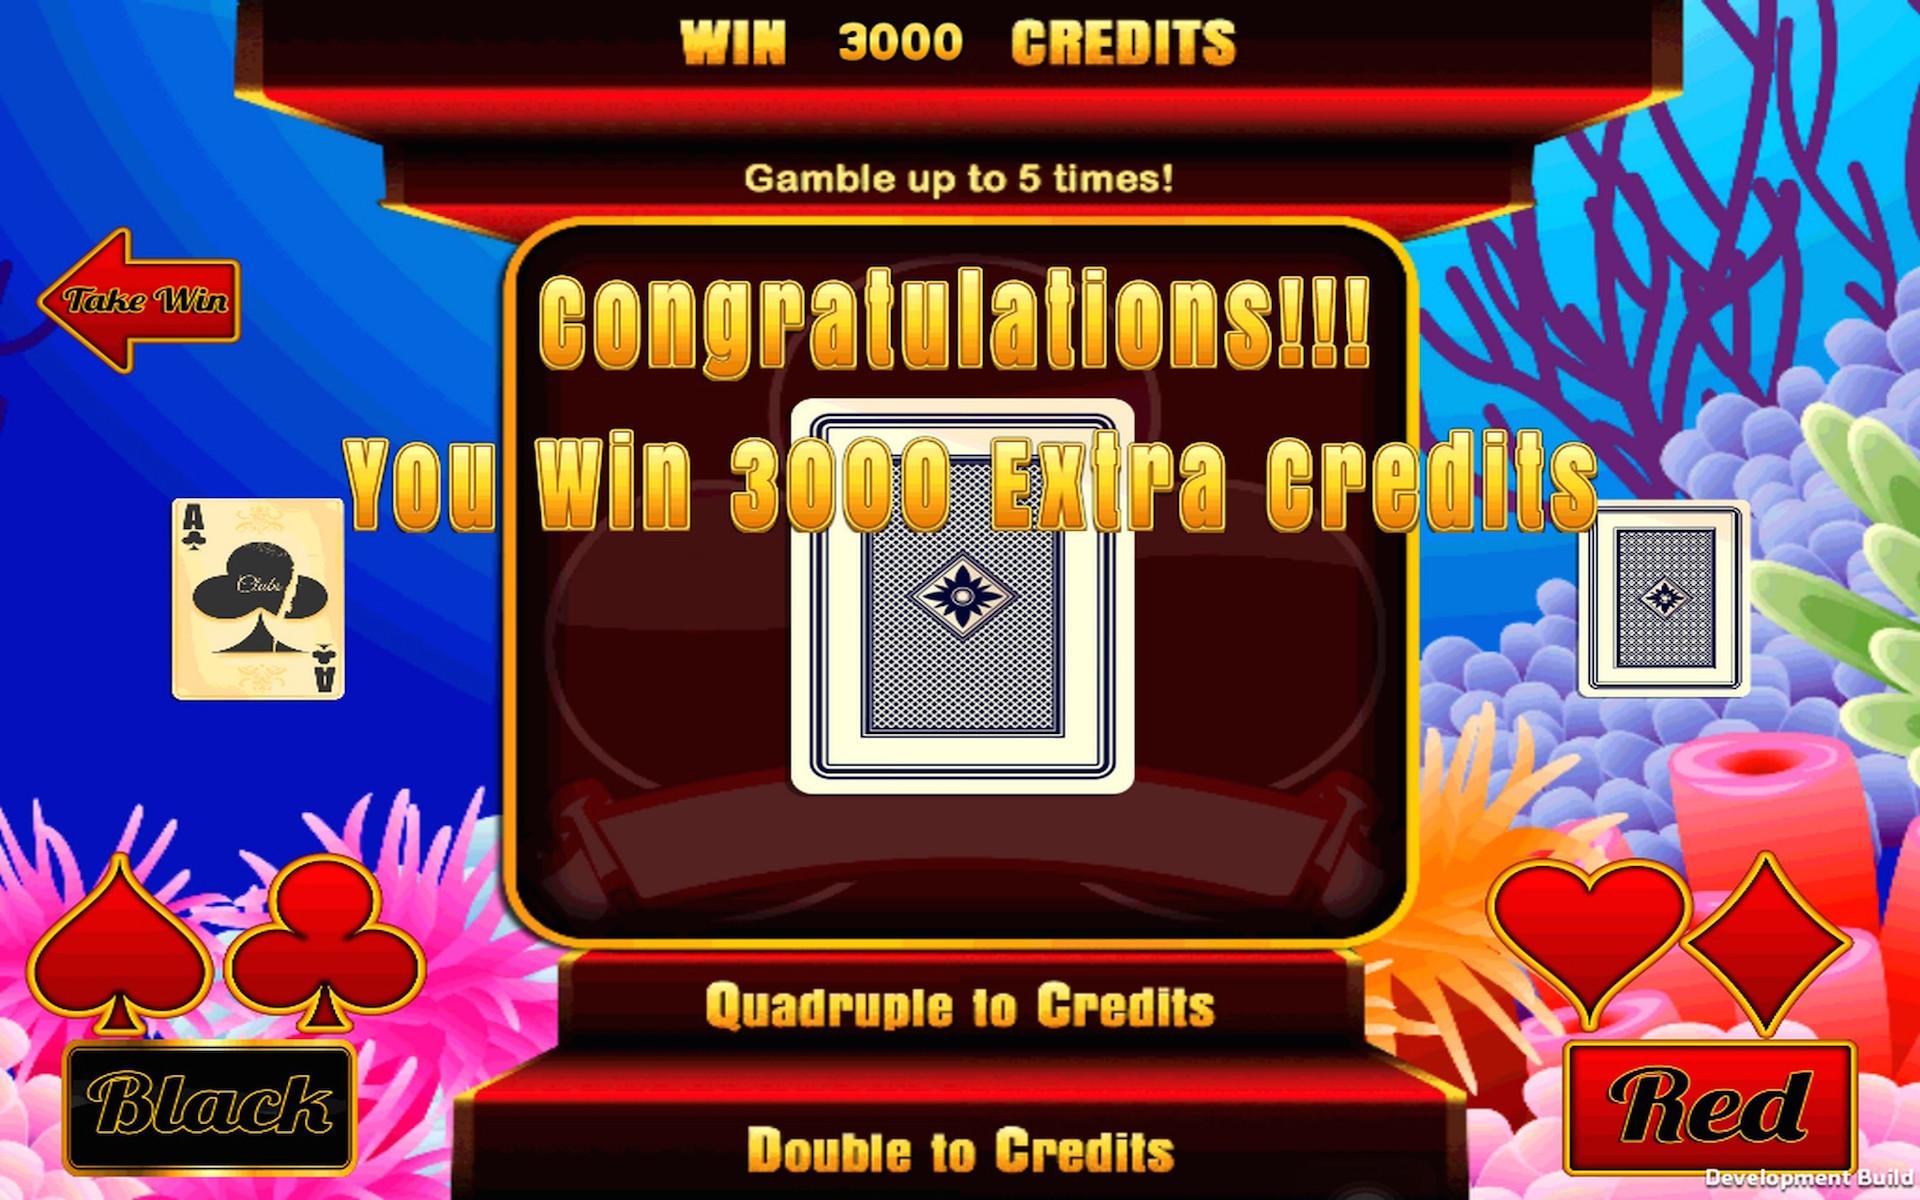 Promociones casino juegos betspin com 641569